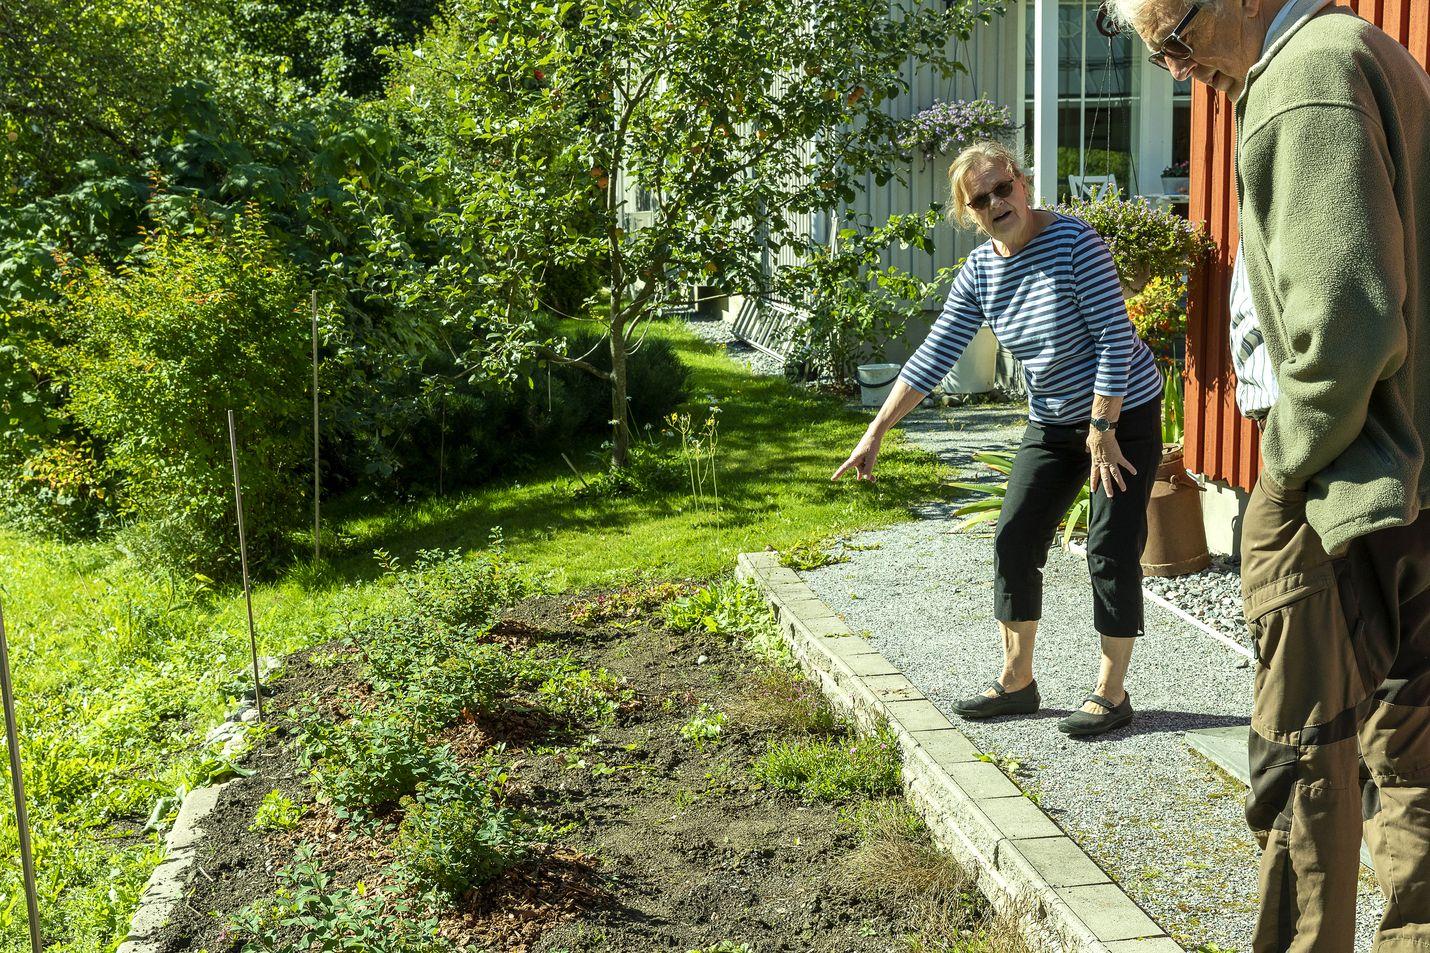 Hilkka ja Tapani Ansaharju istuttivat kuihtuneen pensasrivistön tilalle muun muassa keltasauramoa, ketohanhikkia, mäkitervakkoa sekä tunturineilikkaa. –Pari kesää tätä ehkä joutuu kitkemään, mutta sitten kasvit peittävät maan, he suunnittelevat.